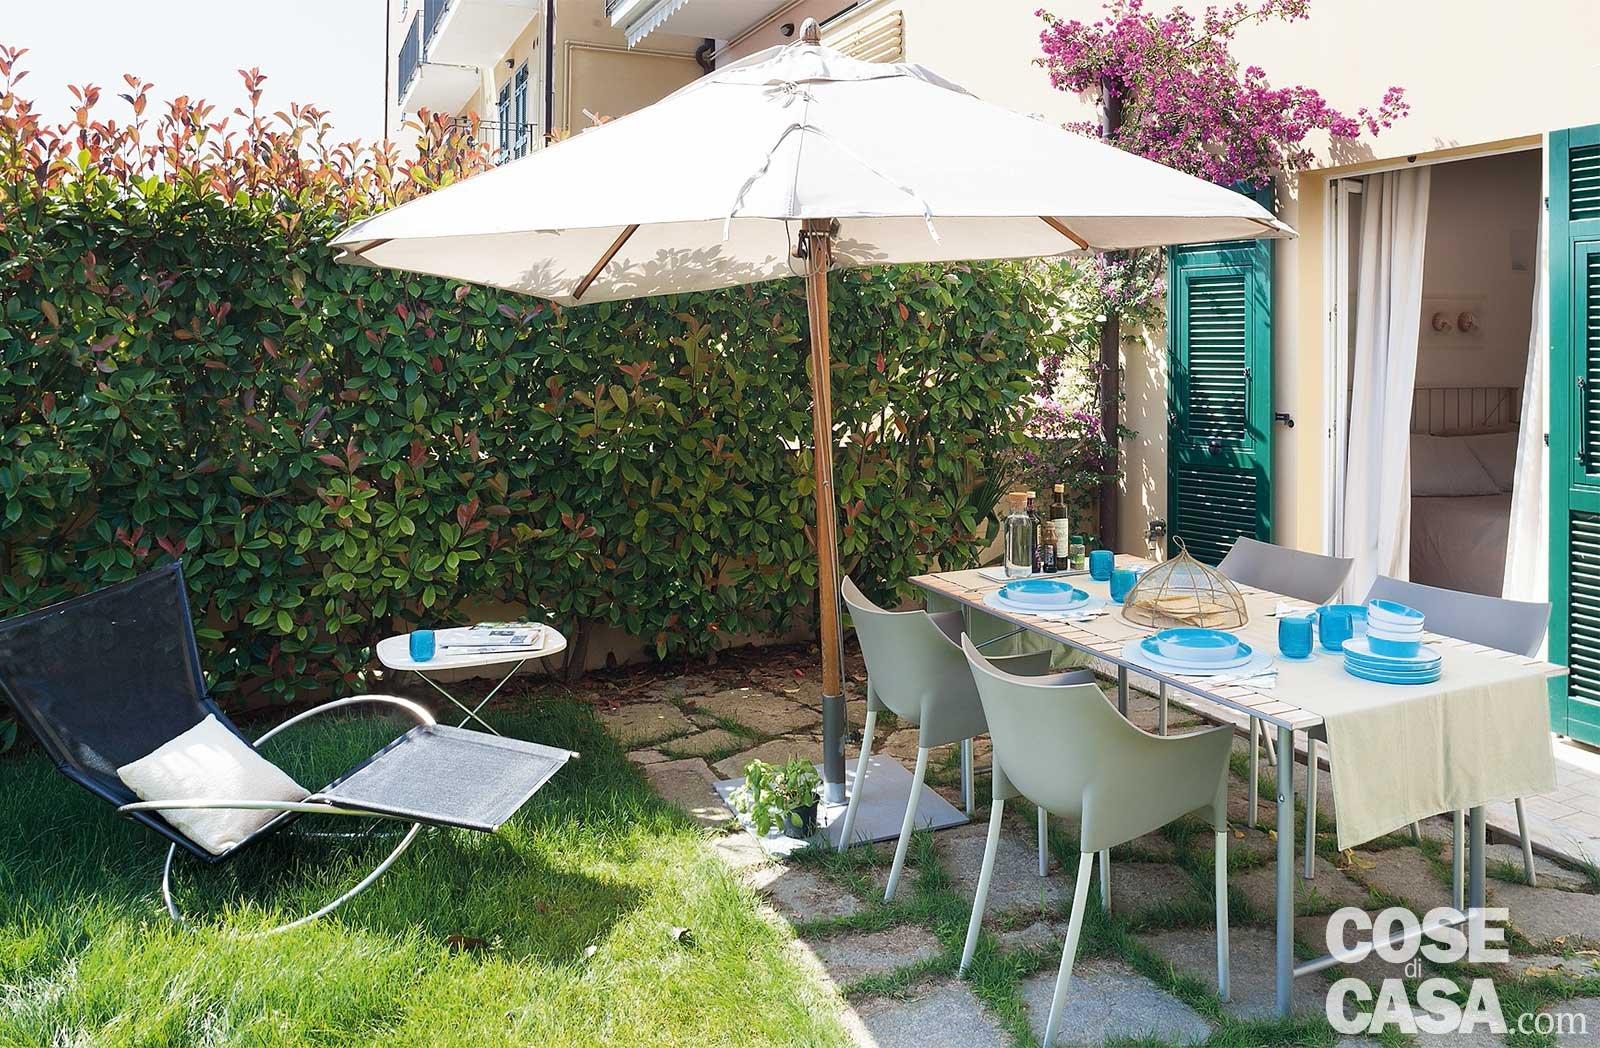 Tavoli da giardino risparmio casa vivereverde sedia regista